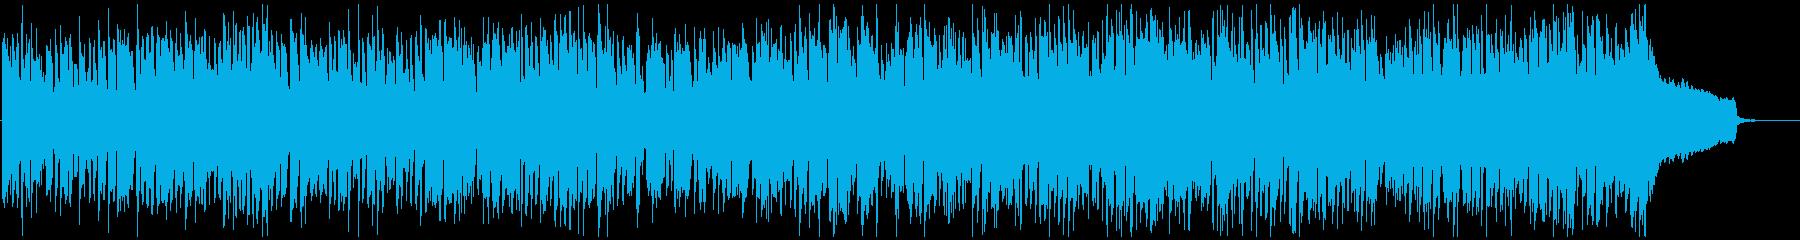 コミカル軽快リコーダー、カートゥーン風味の再生済みの波形